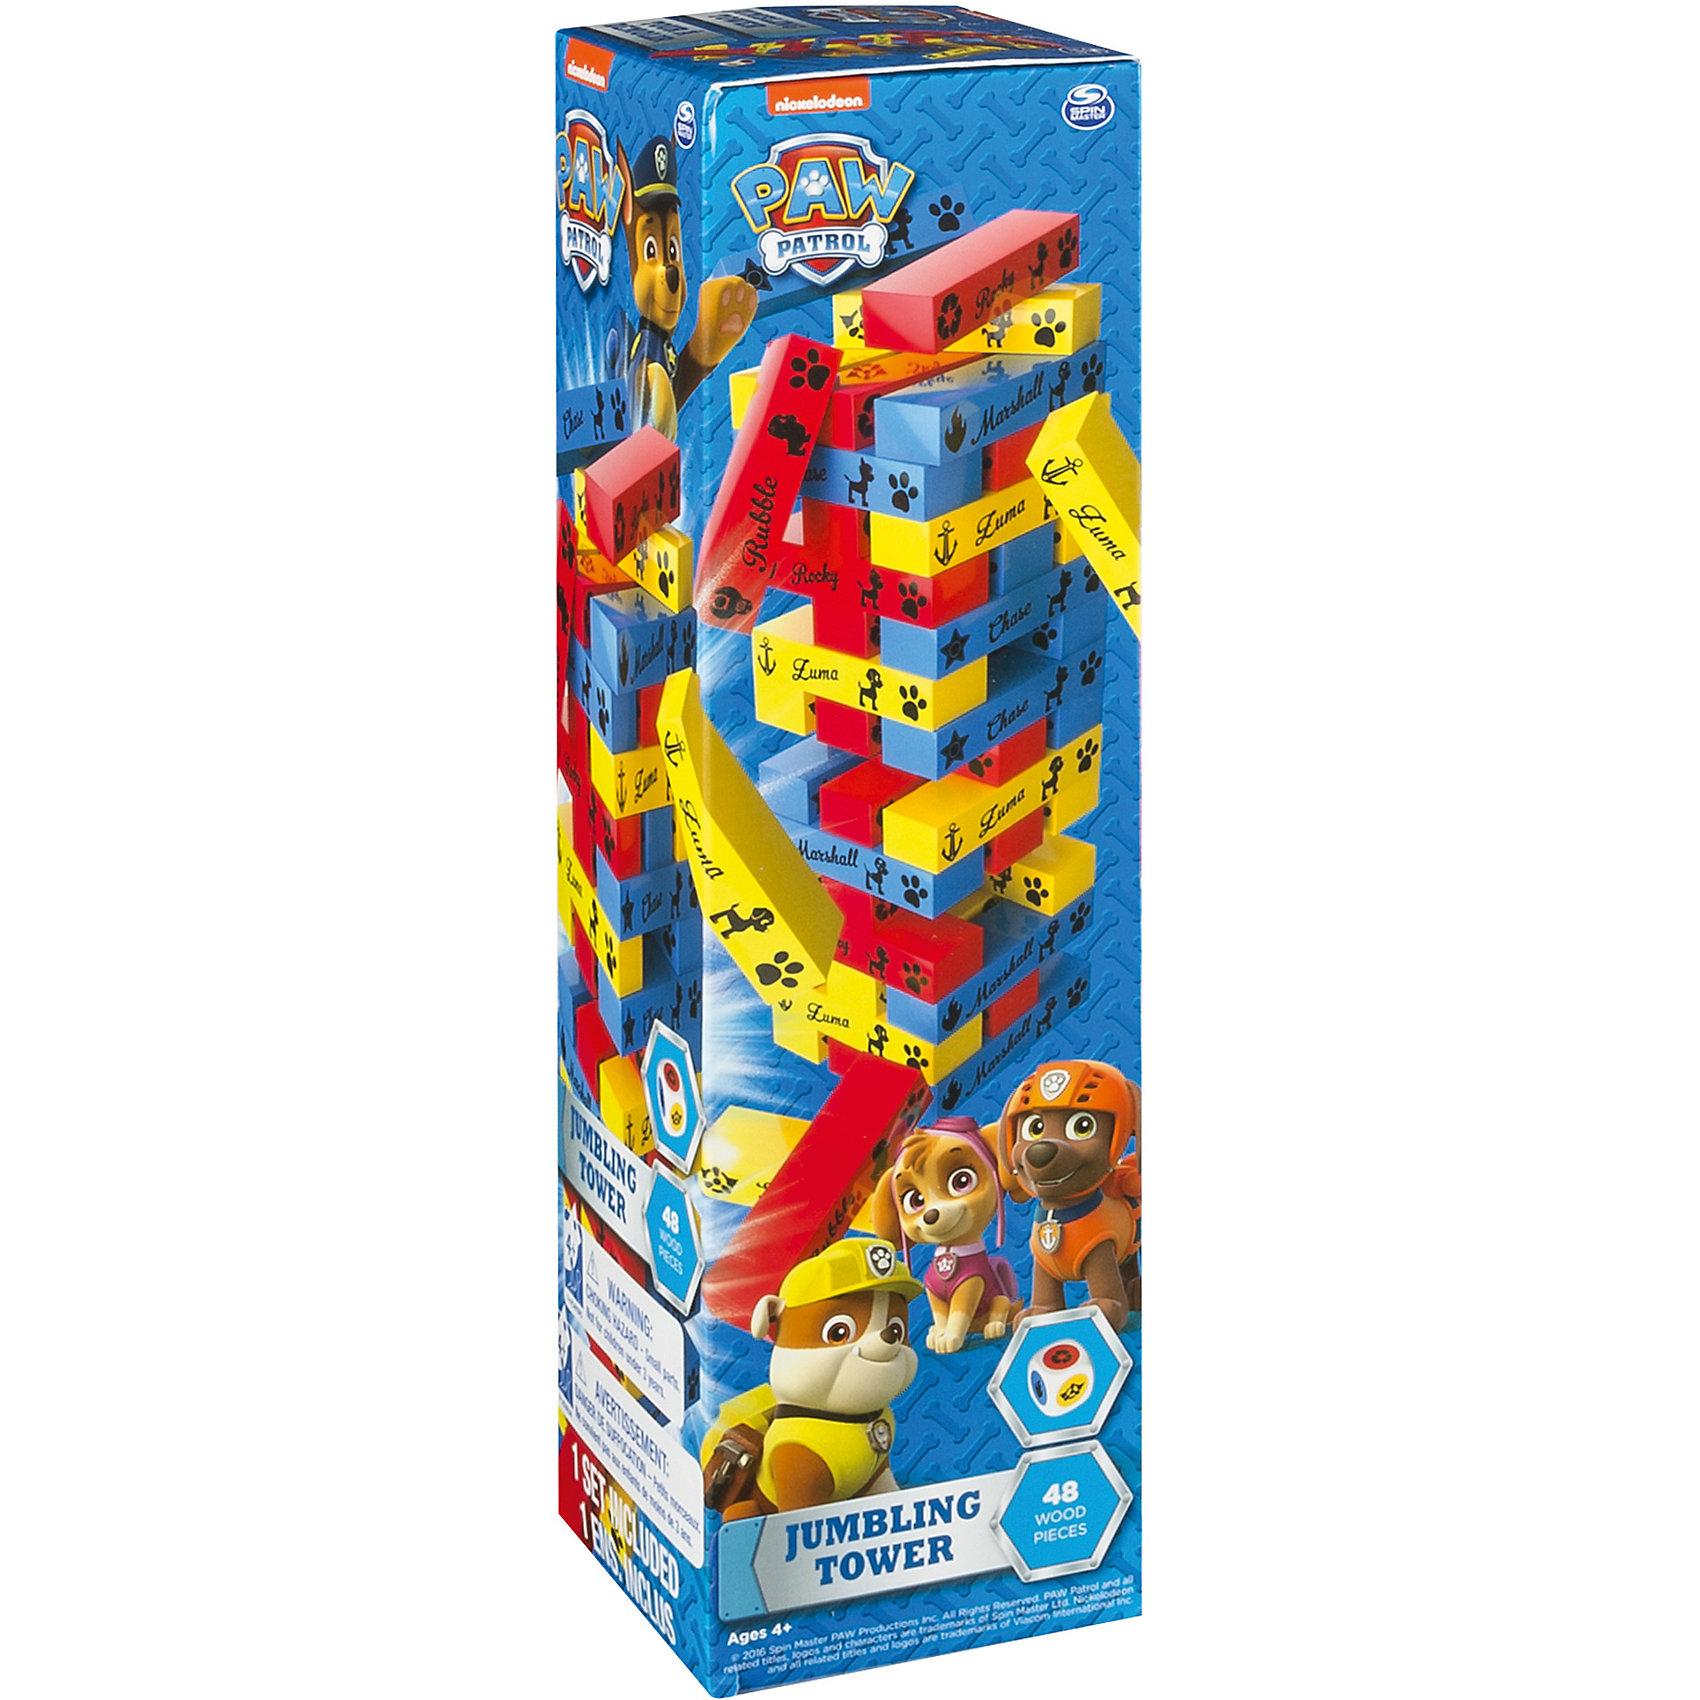 Игра Построй башню, Щенячий Патруль, Spin MasterУвлекательная игра с любимыми героями Щеняьего Патруля. Построй башню и удержи ее в равновесии. В наборе 48 цветных блоков, кубик. Выигрывает самый ловкий.<br><br>Ширина мм: 80<br>Глубина мм: 280<br>Высота мм: 80<br>Вес г: 726<br>Возраст от месяцев: 48<br>Возраст до месяцев: 2147483647<br>Пол: Унисекс<br>Возраст: Детский<br>SKU: 5493555